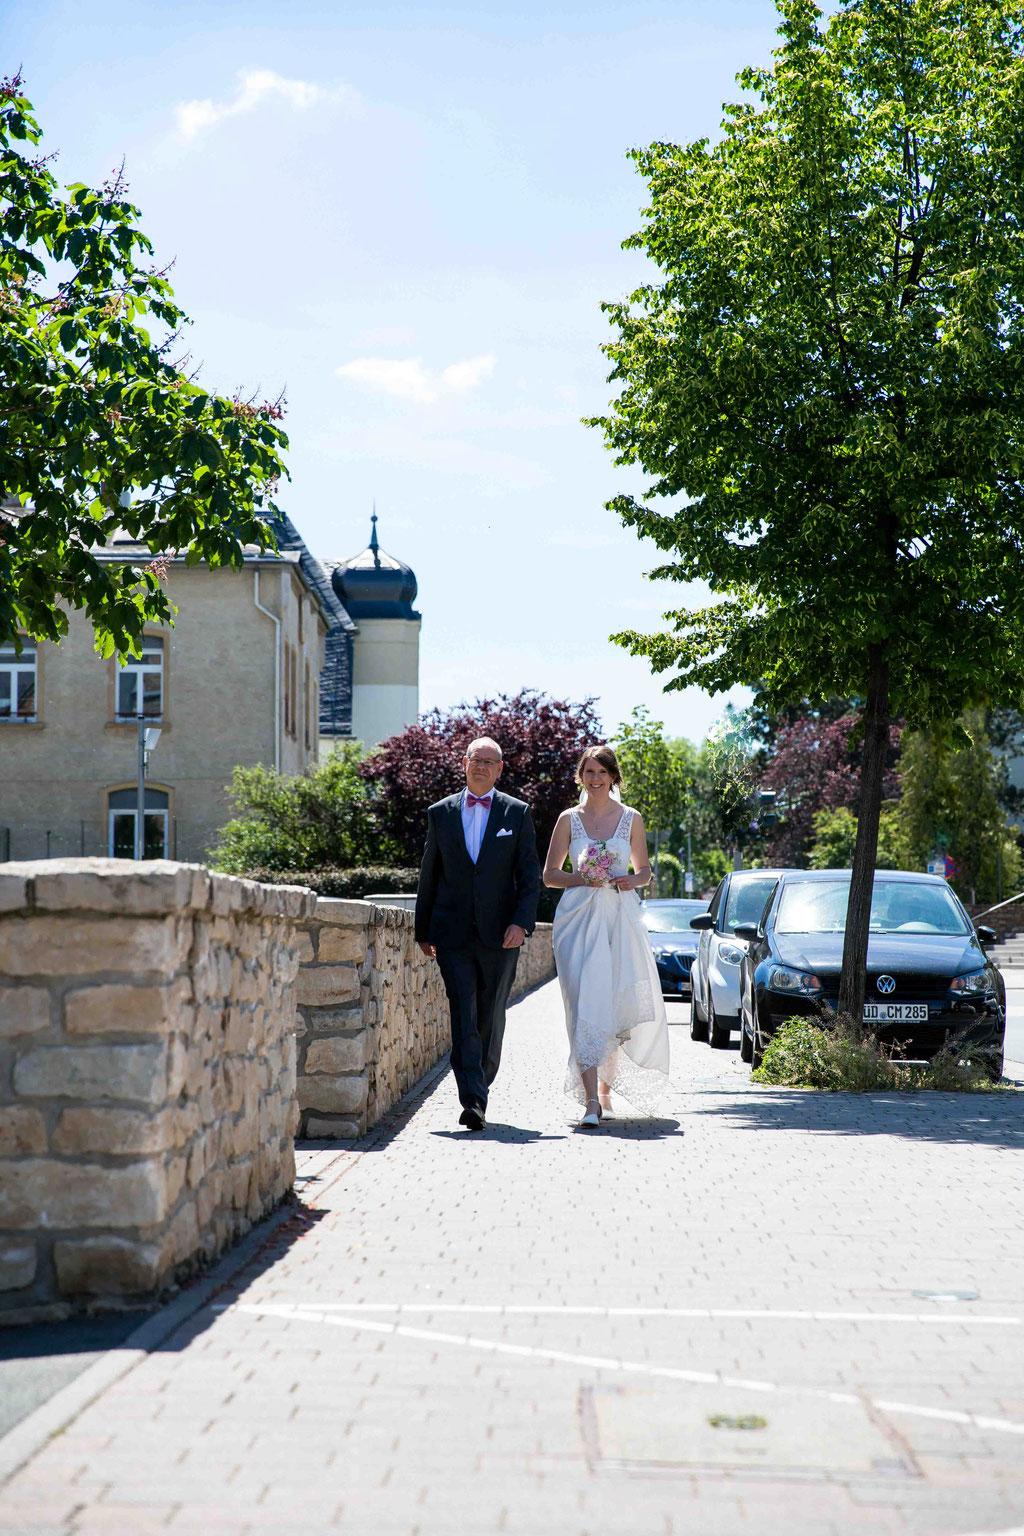 Hochzeitsfotograf, Hochzeitsreportage, Hochzeitslocation Schloss Schönborn Rheingau, Winkeler Str. 64, 65366 Geisenheim, Braut kommt mit Papa, Vater der Braut, weg zum Altar